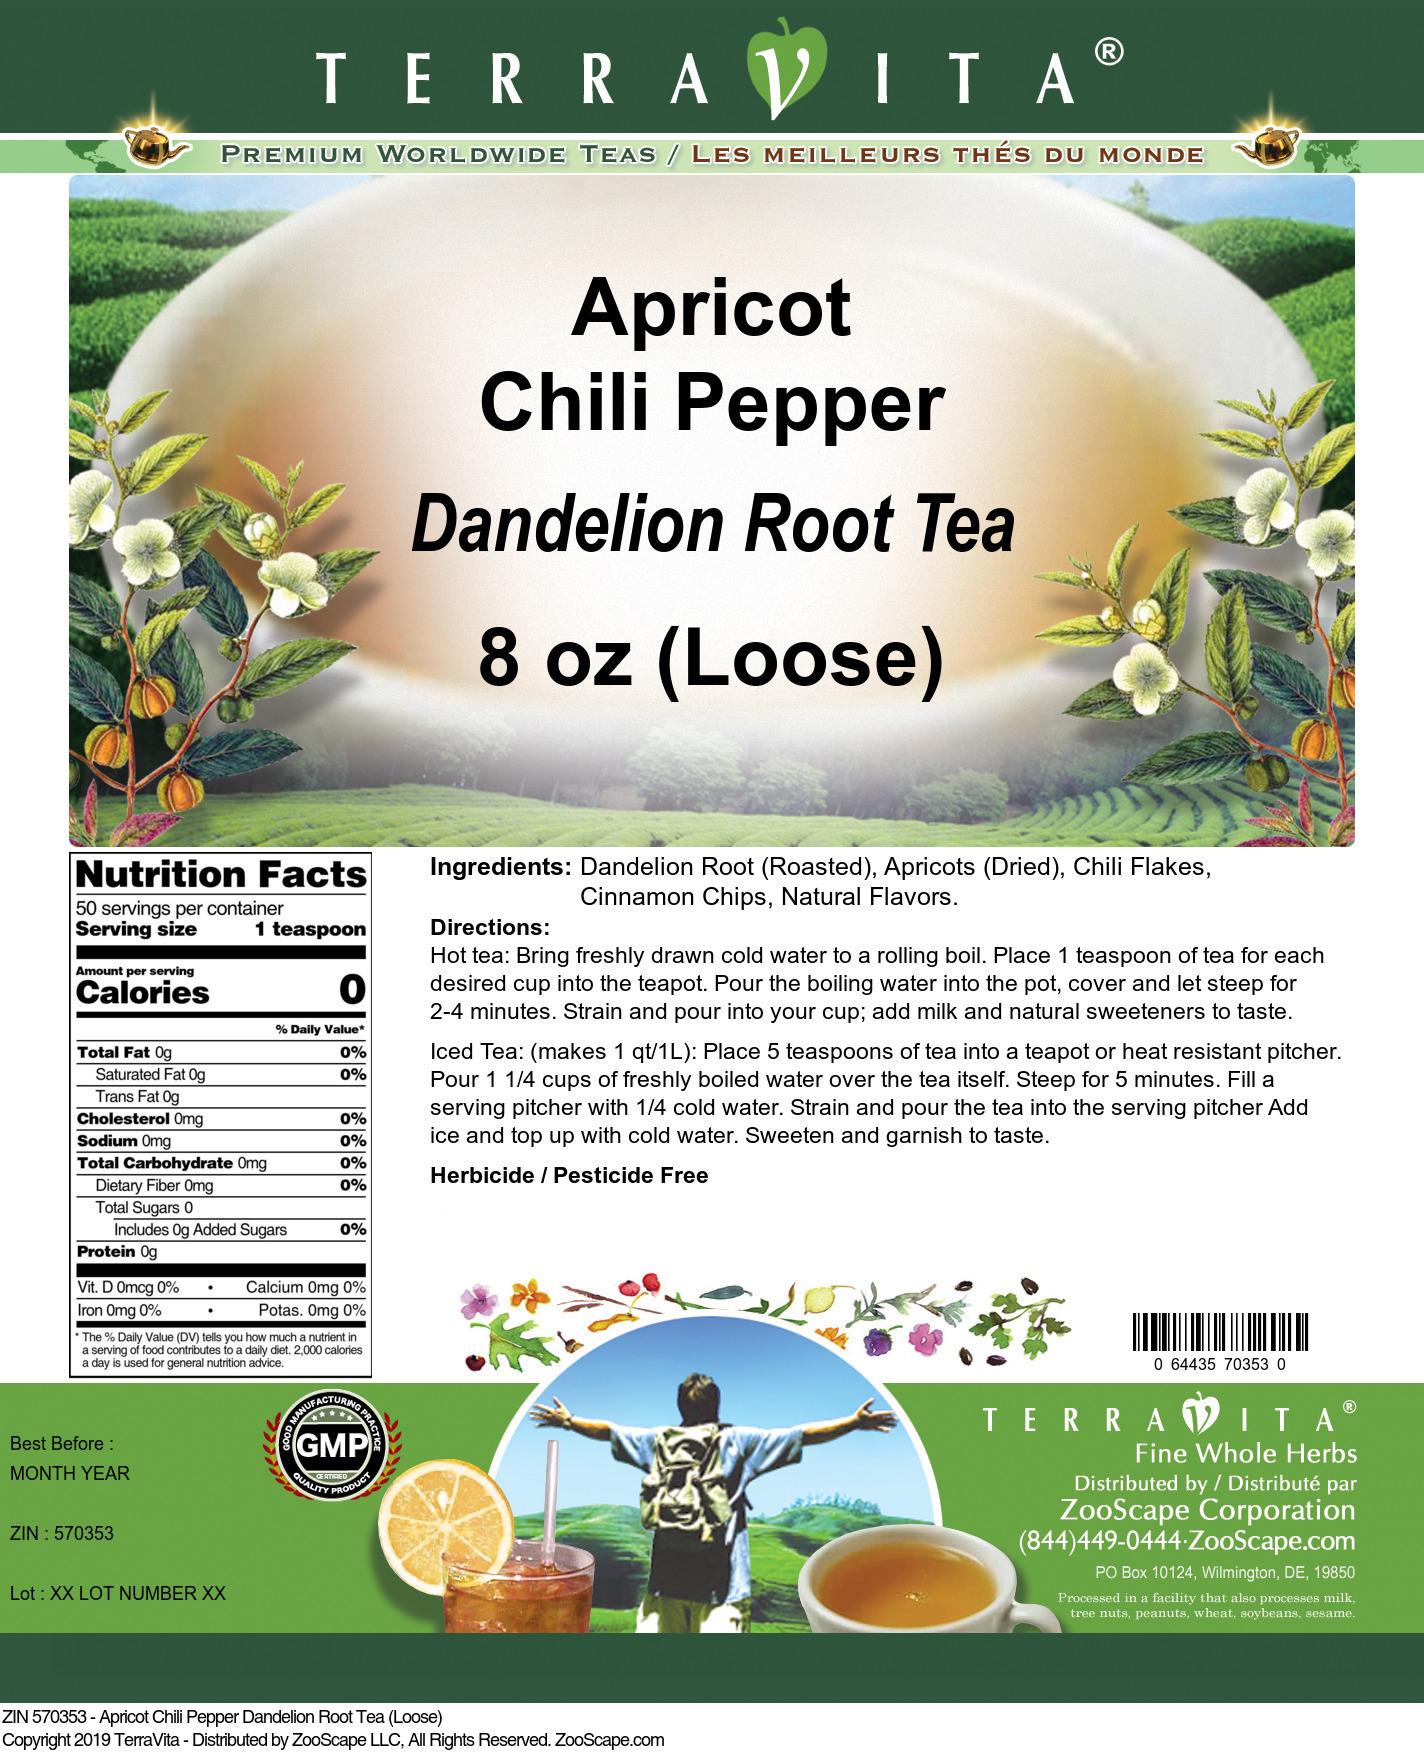 Apricot Chili Pepper Dandelion Root